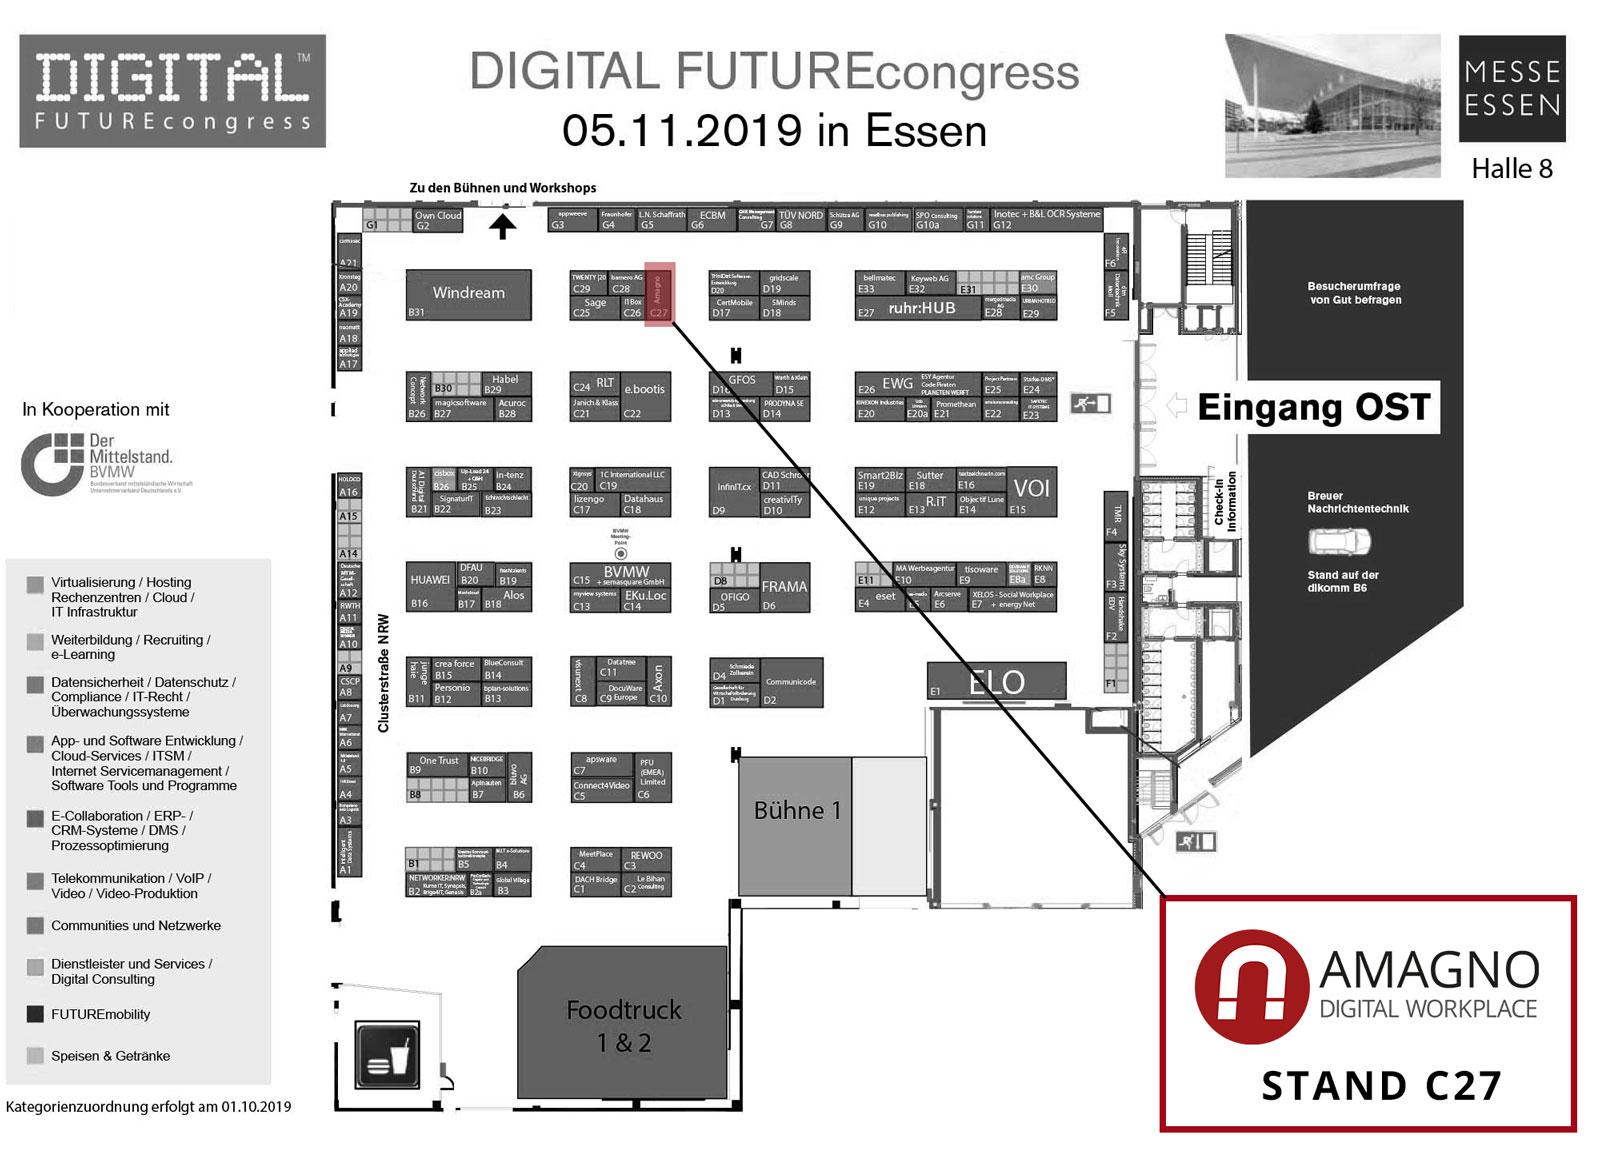 Hallenplann DFC c27 - DIGITAL FUTUREcongress Essen 2019